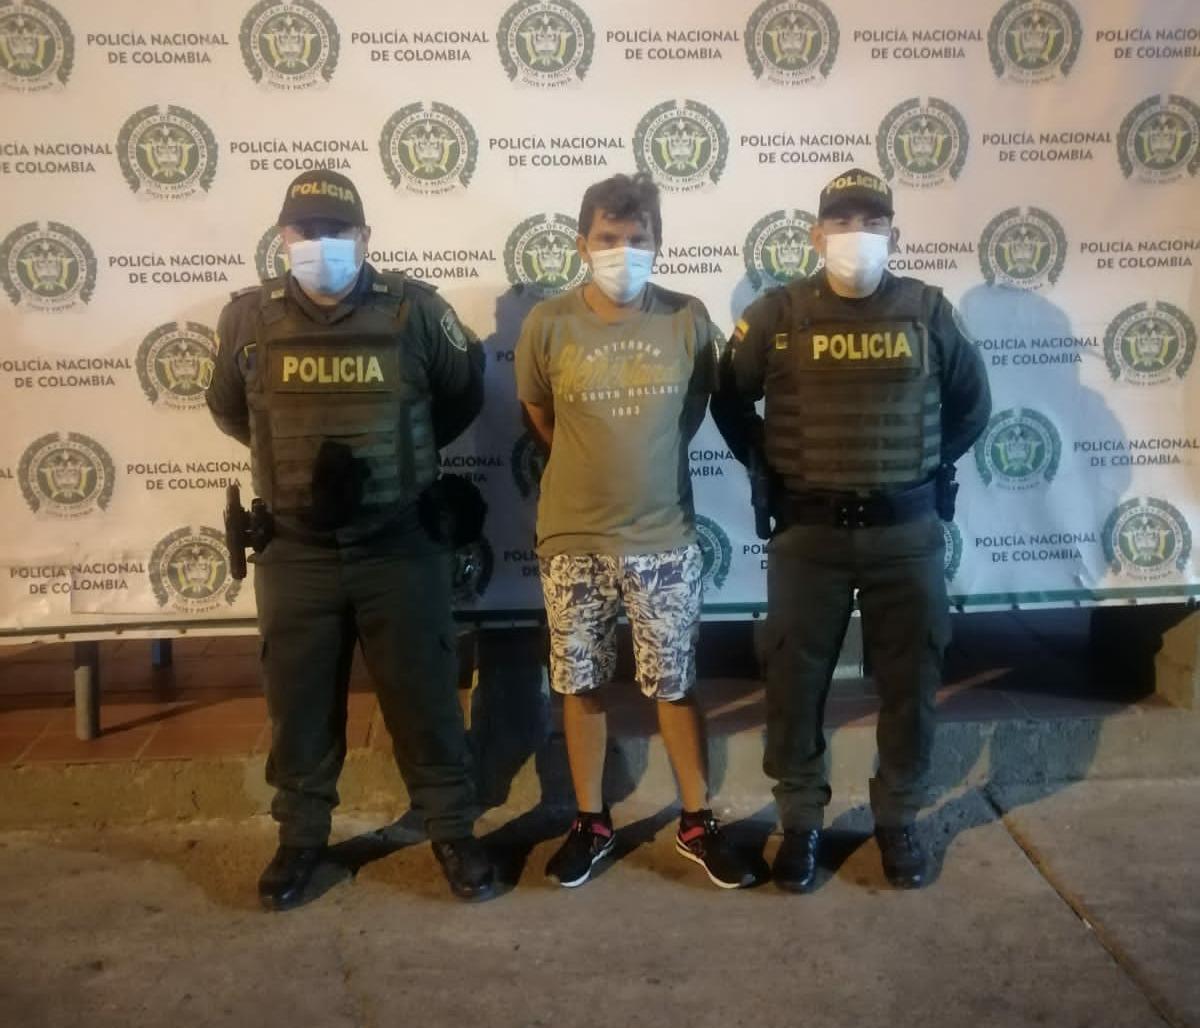 https://www.notasrosas.com/Por Acceso Carnal Violento Con Menor de 14 Años, fue capturado en Maicao